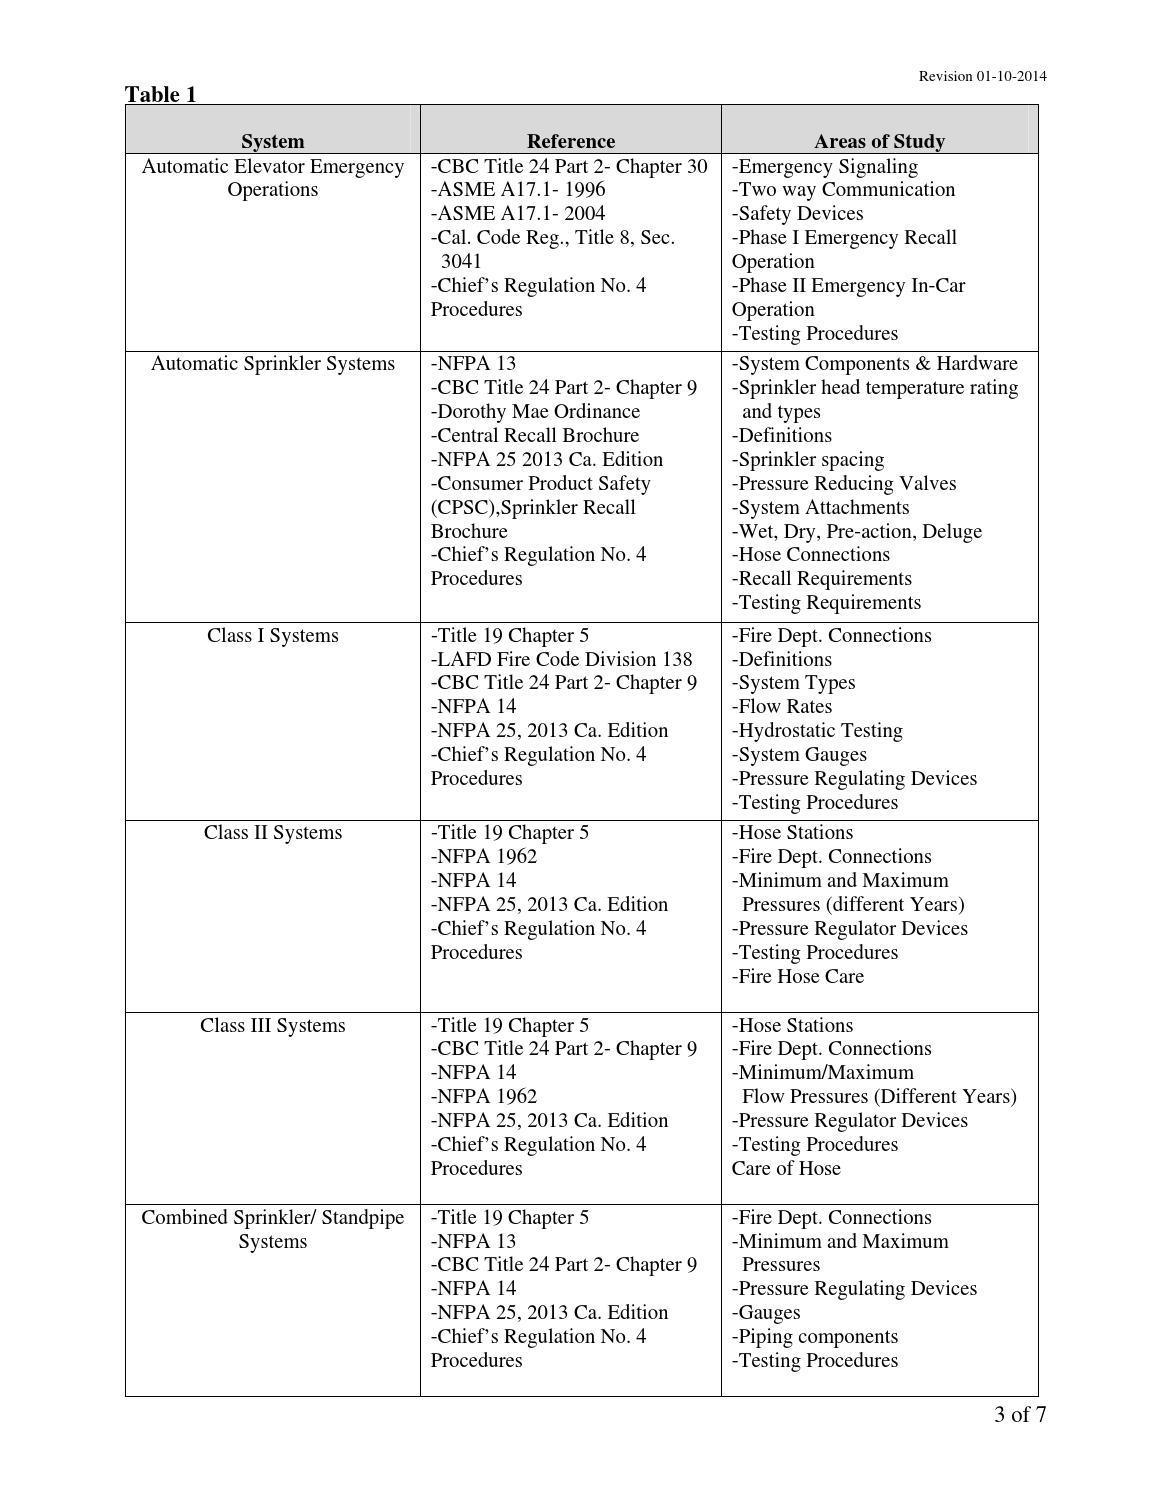 Lafd Chief S Regulation No 4 Program Manual 2014 By Los